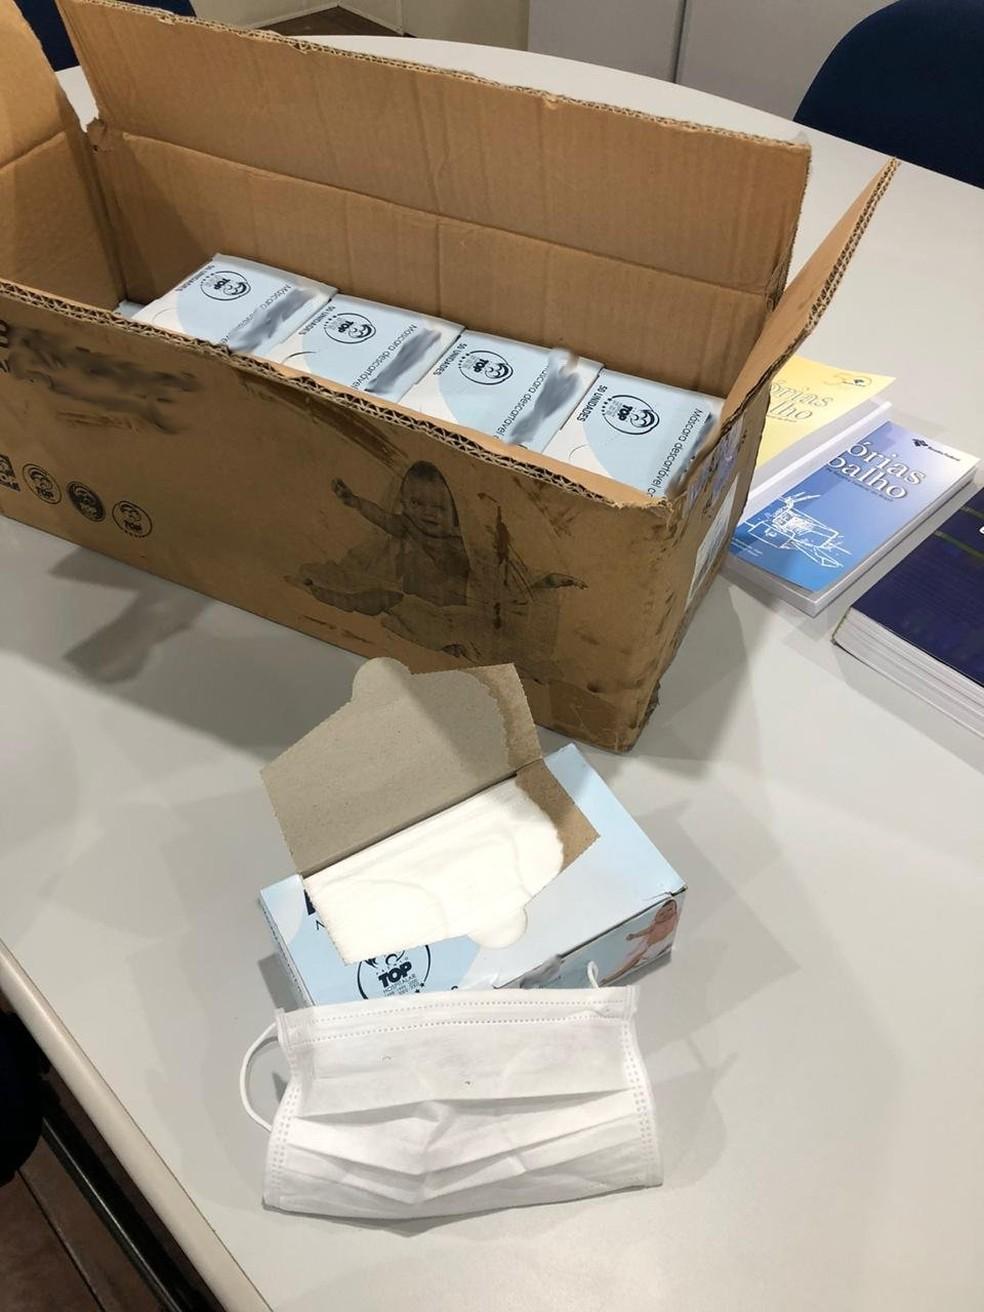 Em cada caixa apreendidas em SC há dezenas de máscaras fasciais  — Foto: Receita Federal/Divulgação